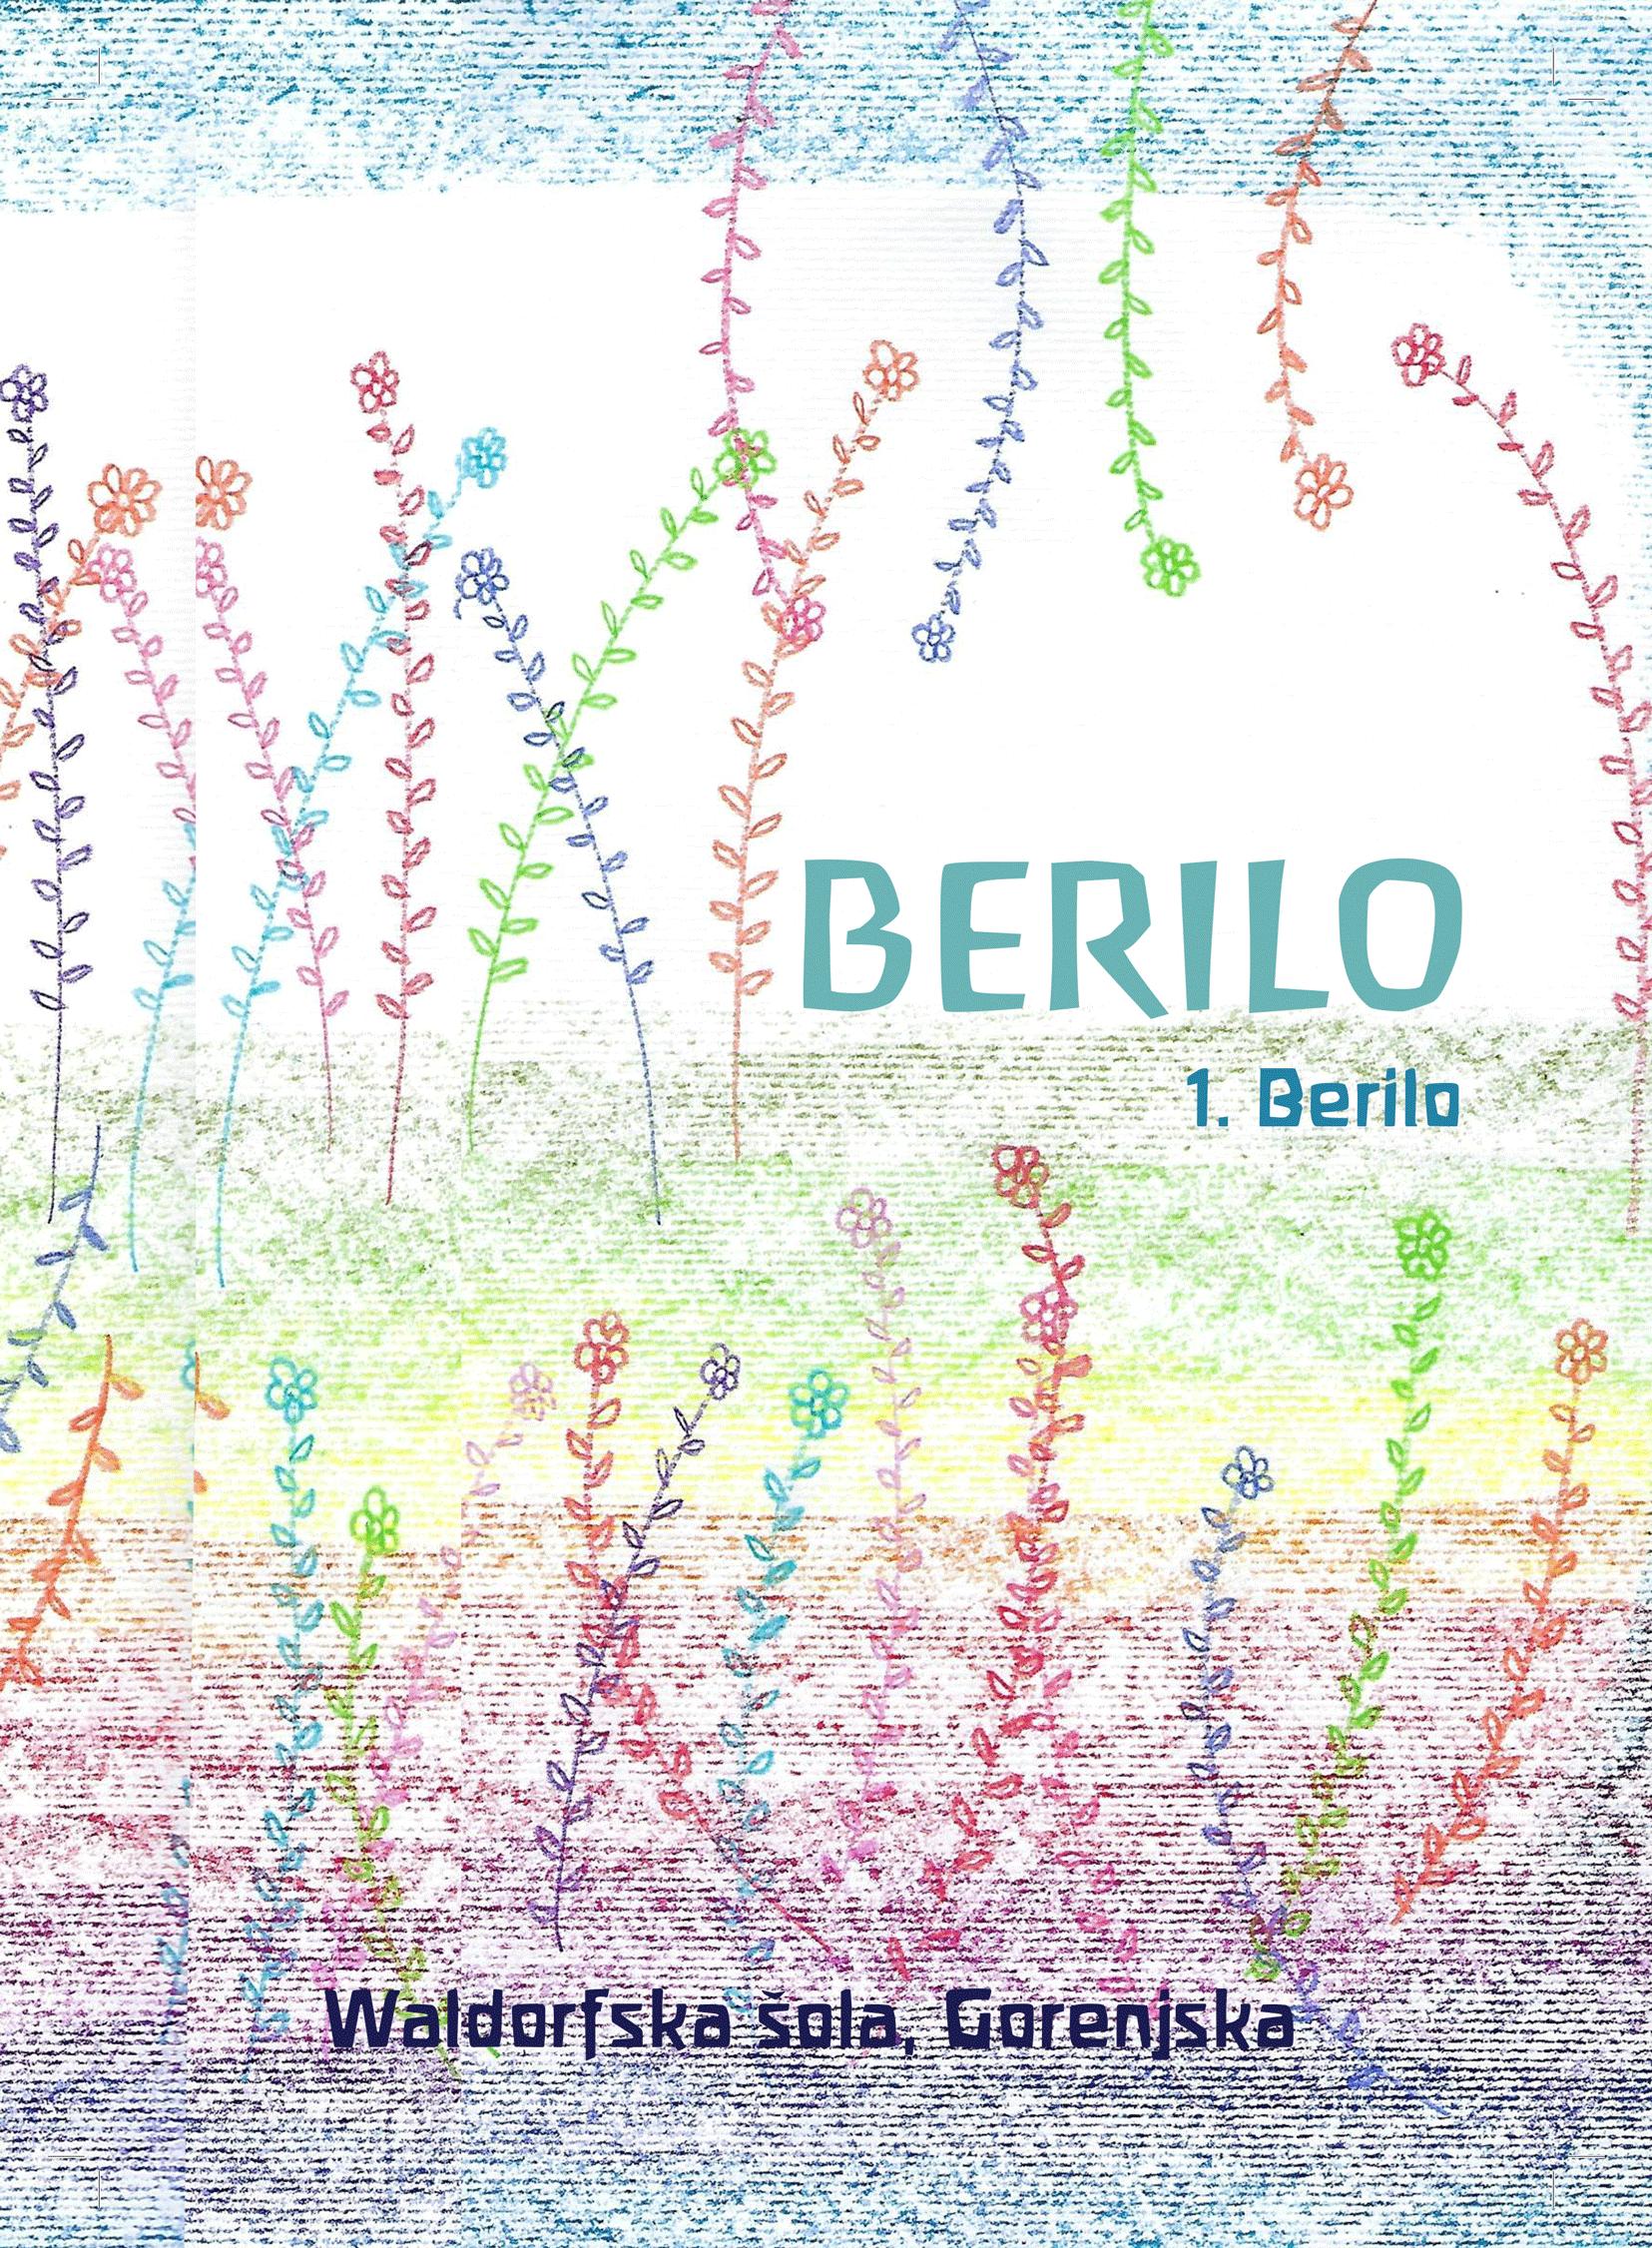 Berilo_4razred_WS_TISK_platnica-2